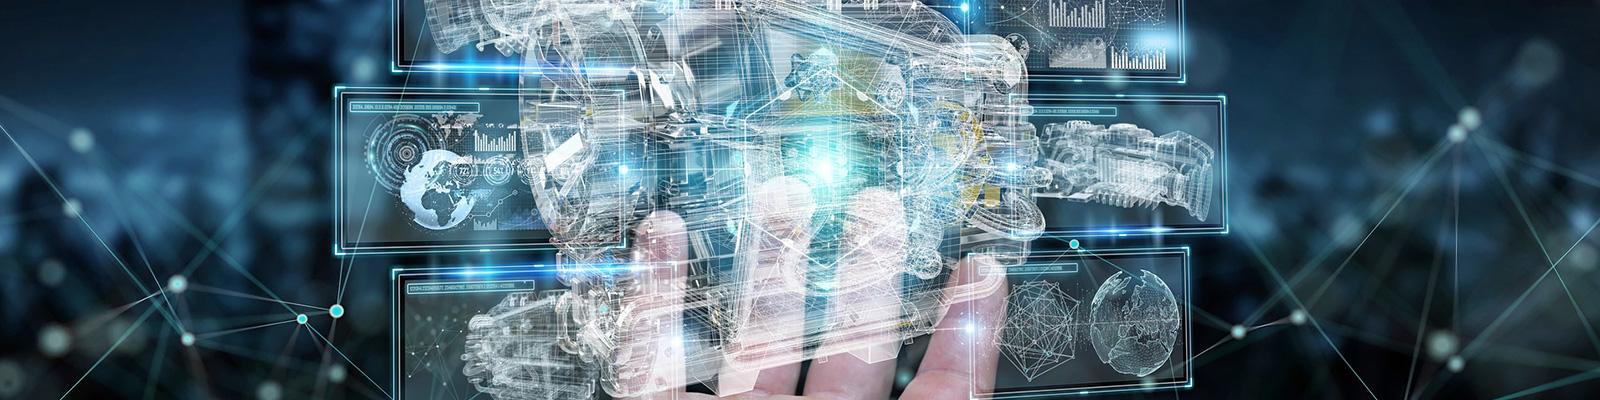 自動車 設計 特許 イメージ